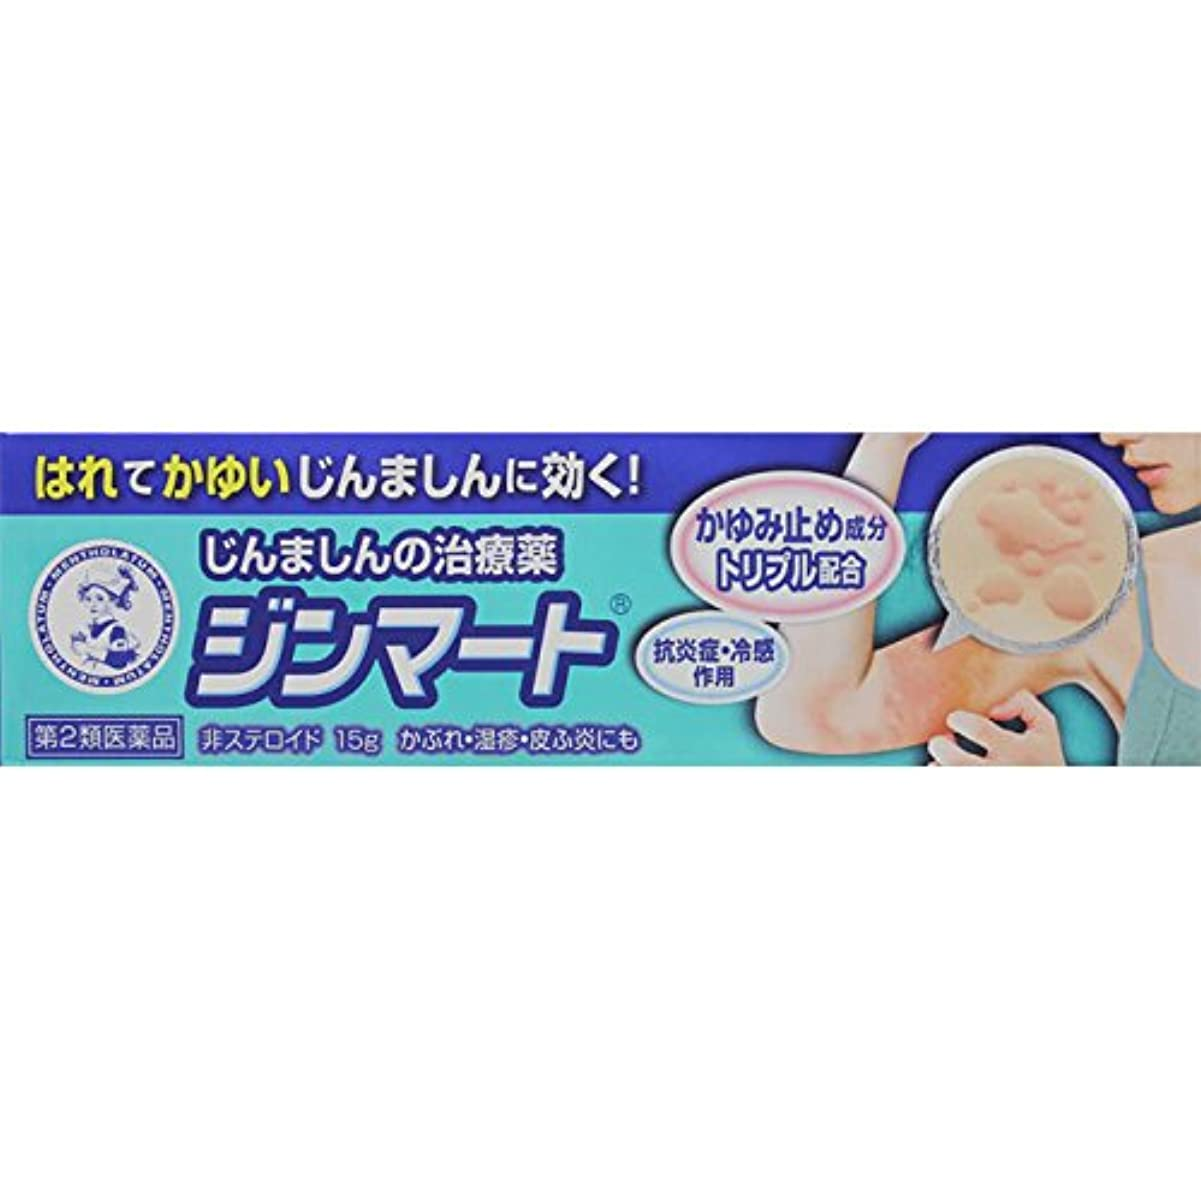 おもてなしブロンズ厚くする【第2類医薬品】メンソレータム ジンマート 15g